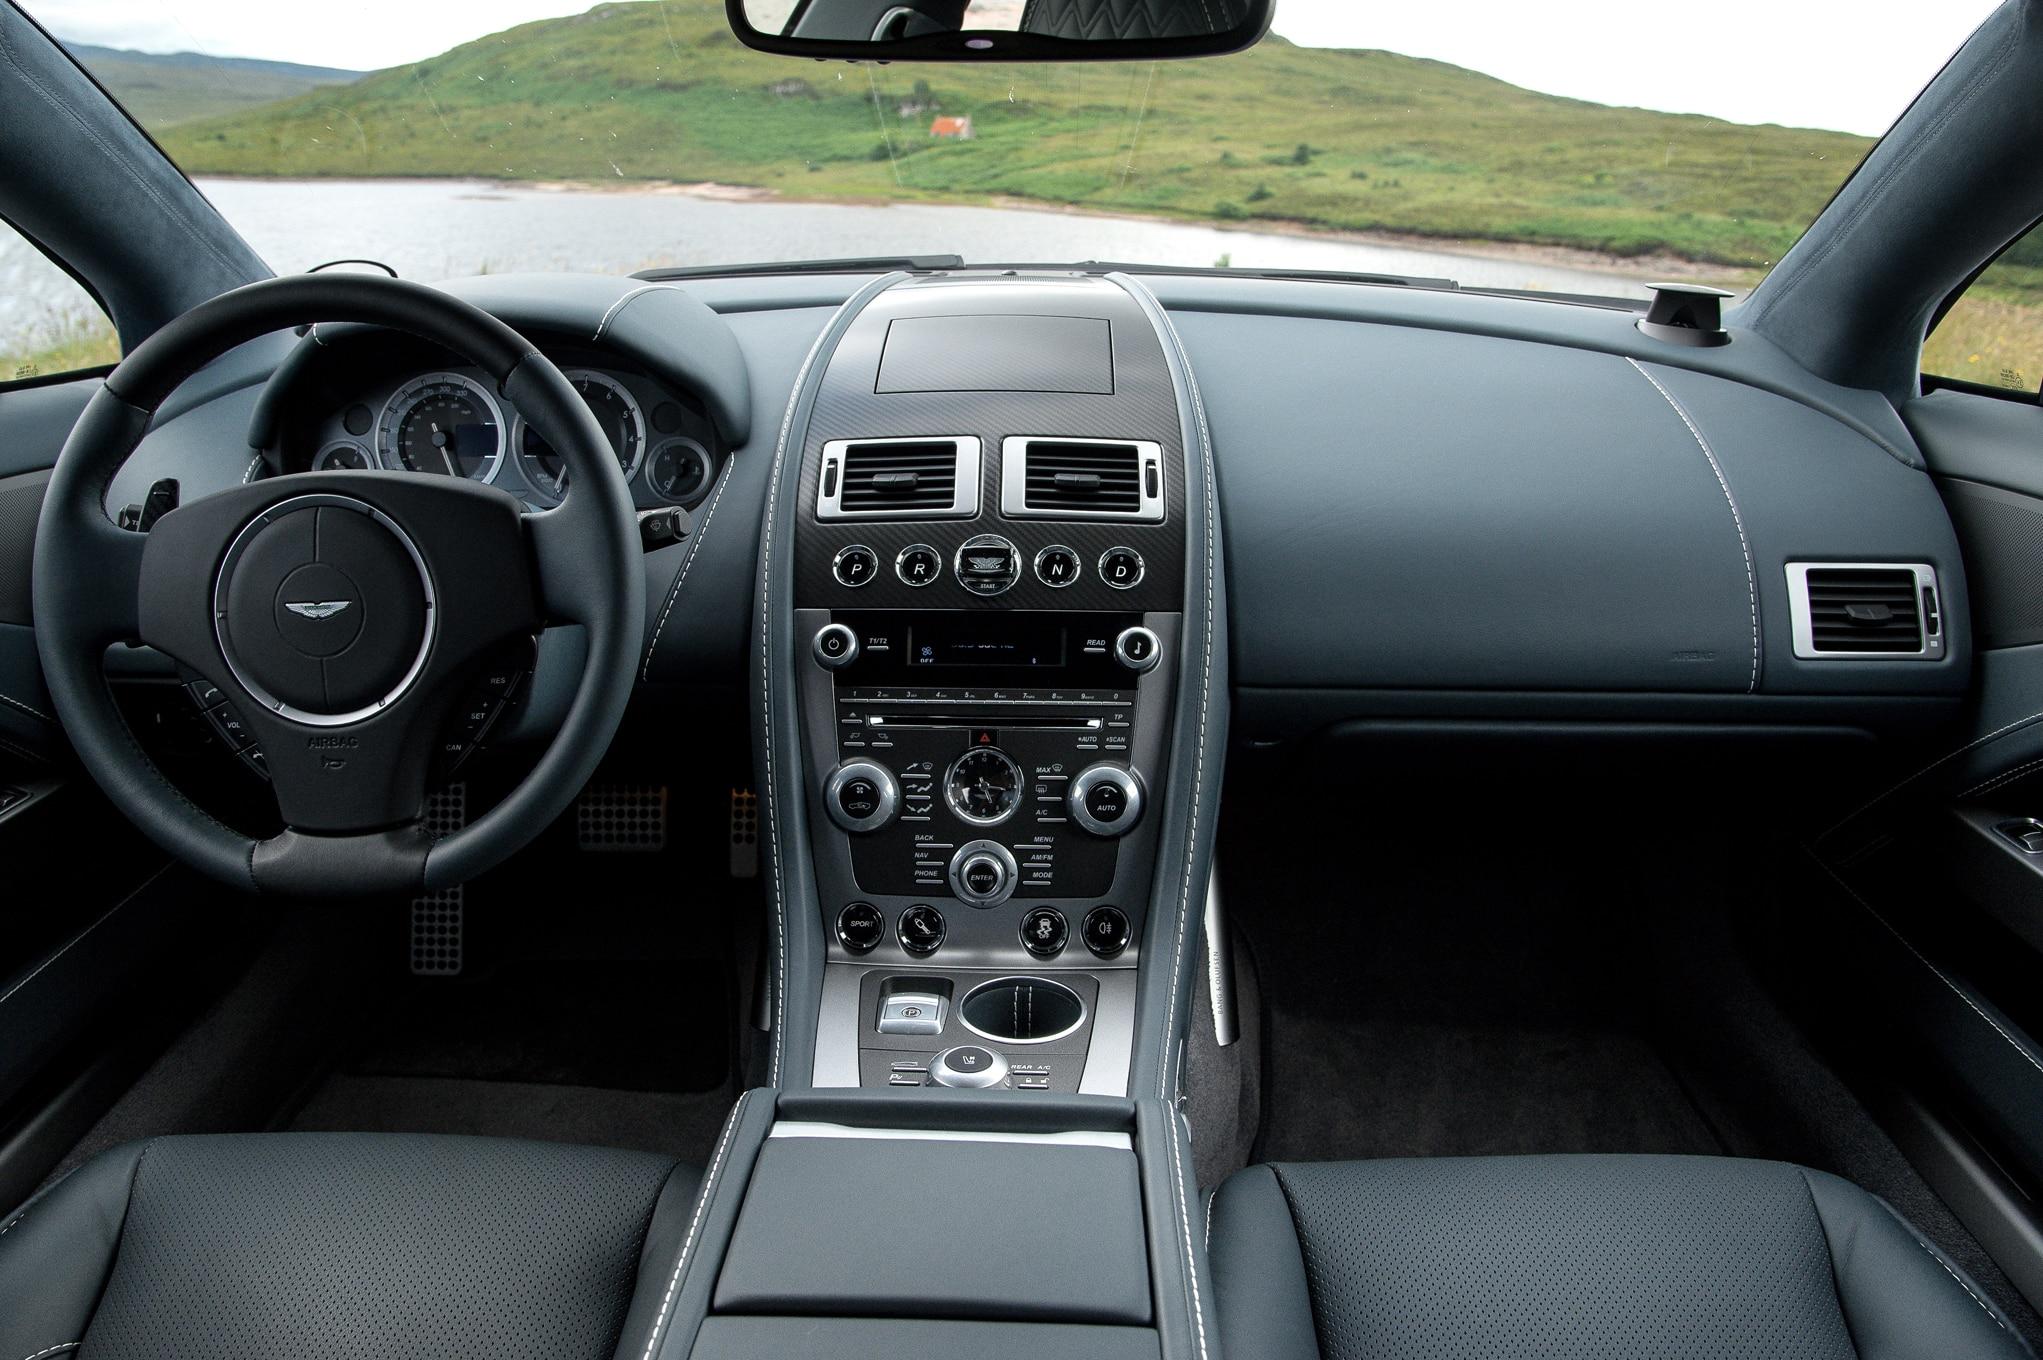 Aston Martin Rapide S Interior View